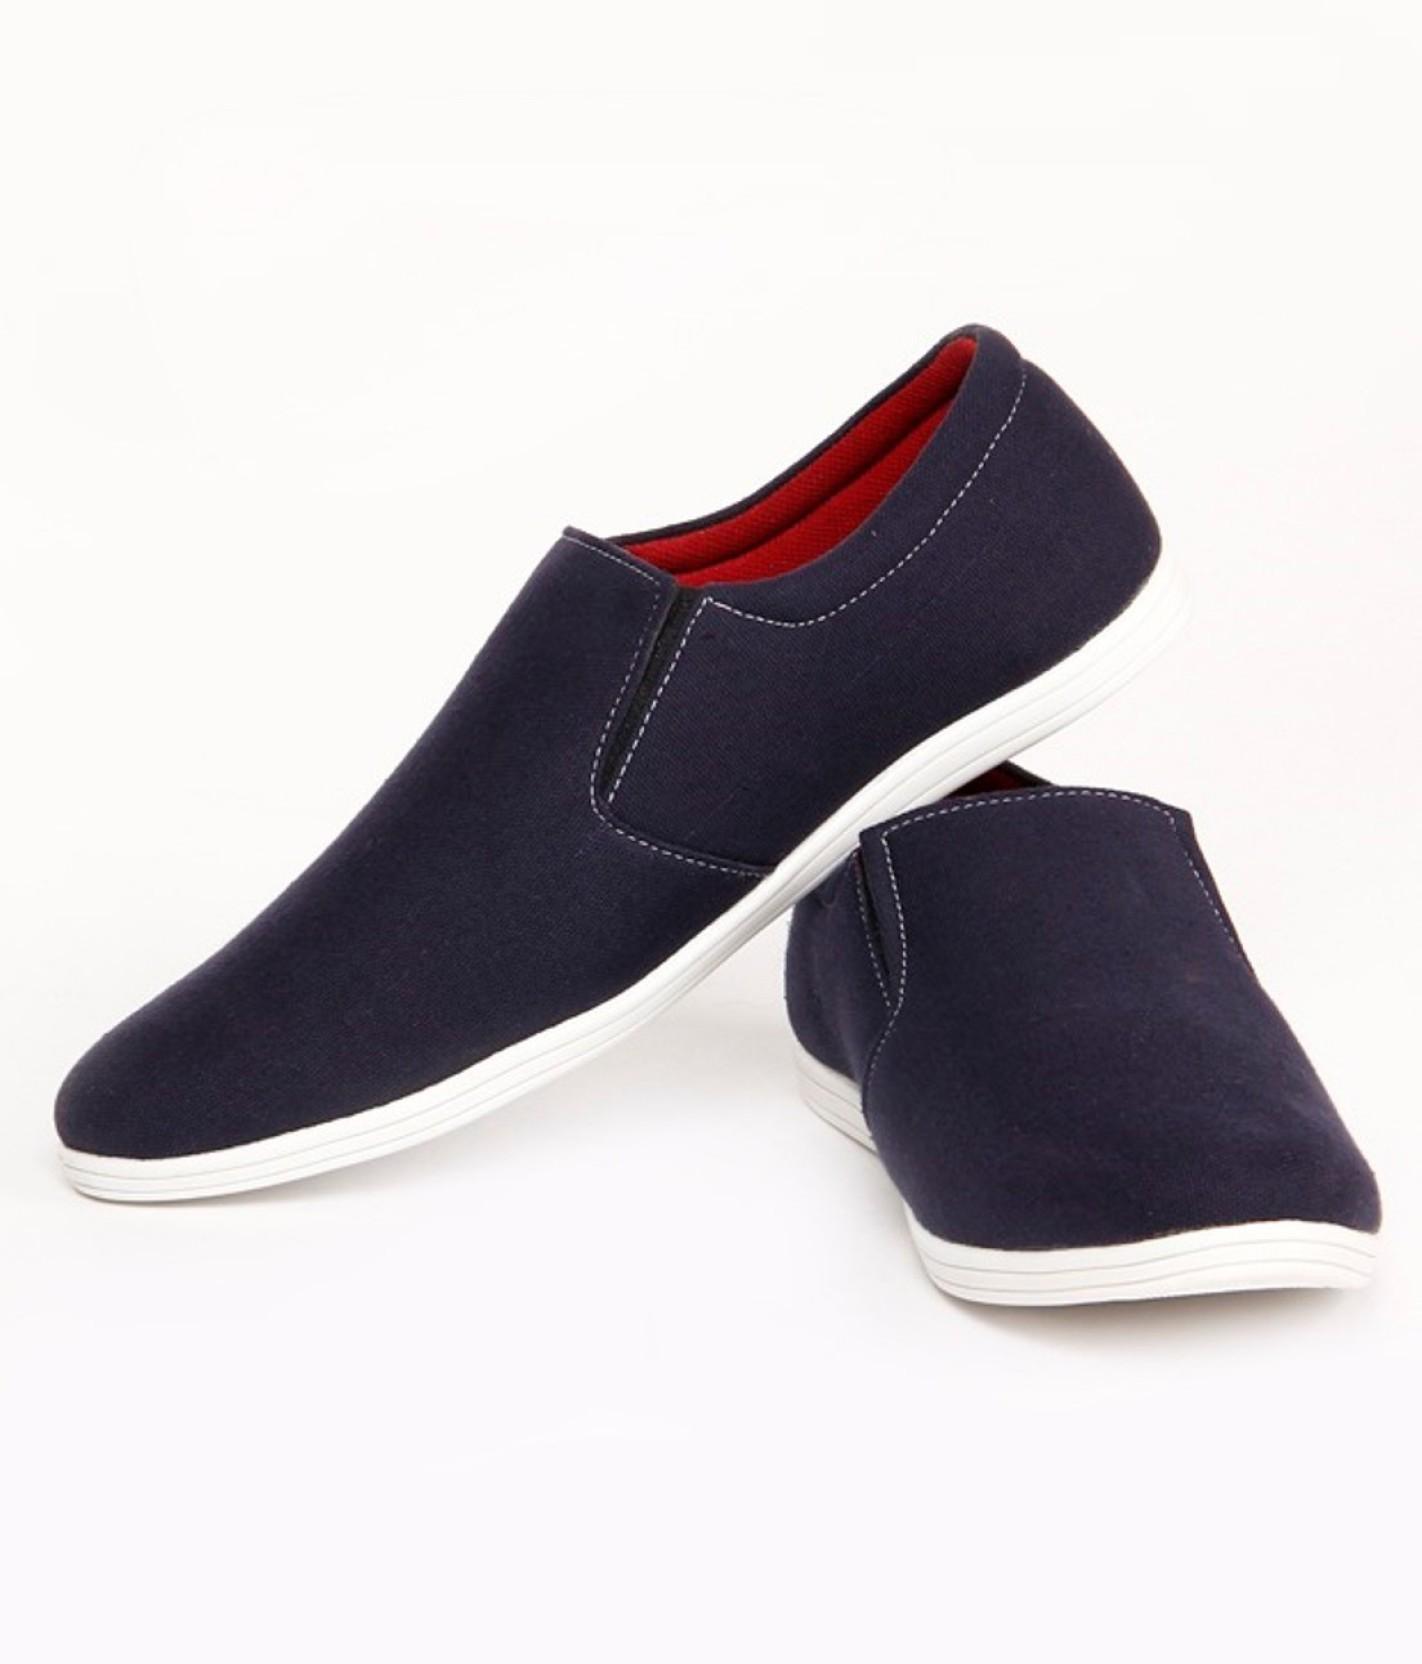 Loafer Shoes Online Flipkart